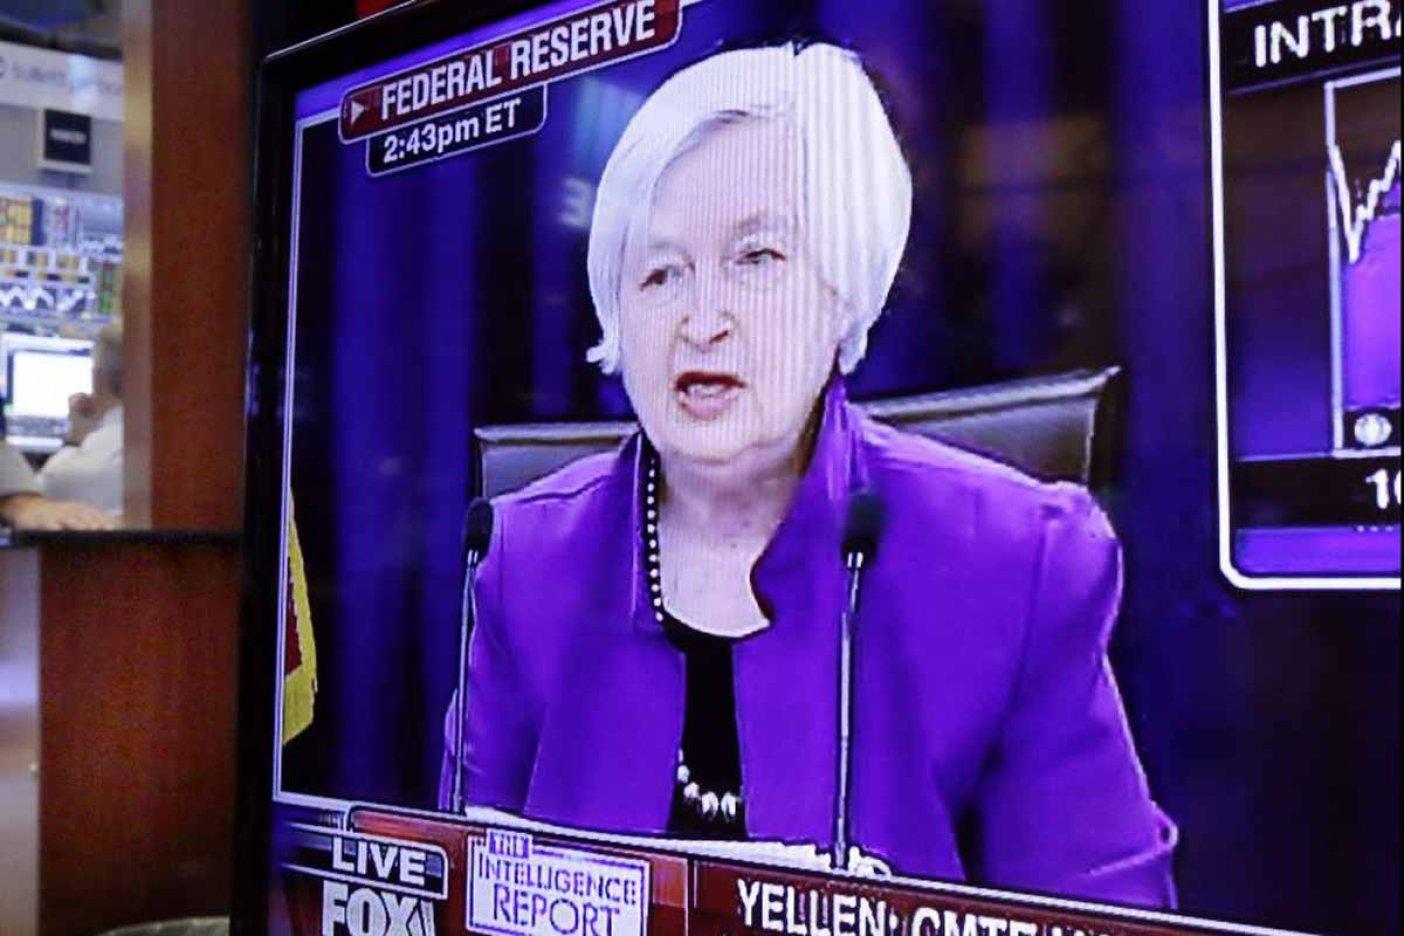 La presidenta Yellen presenta su dimisión de la Fed